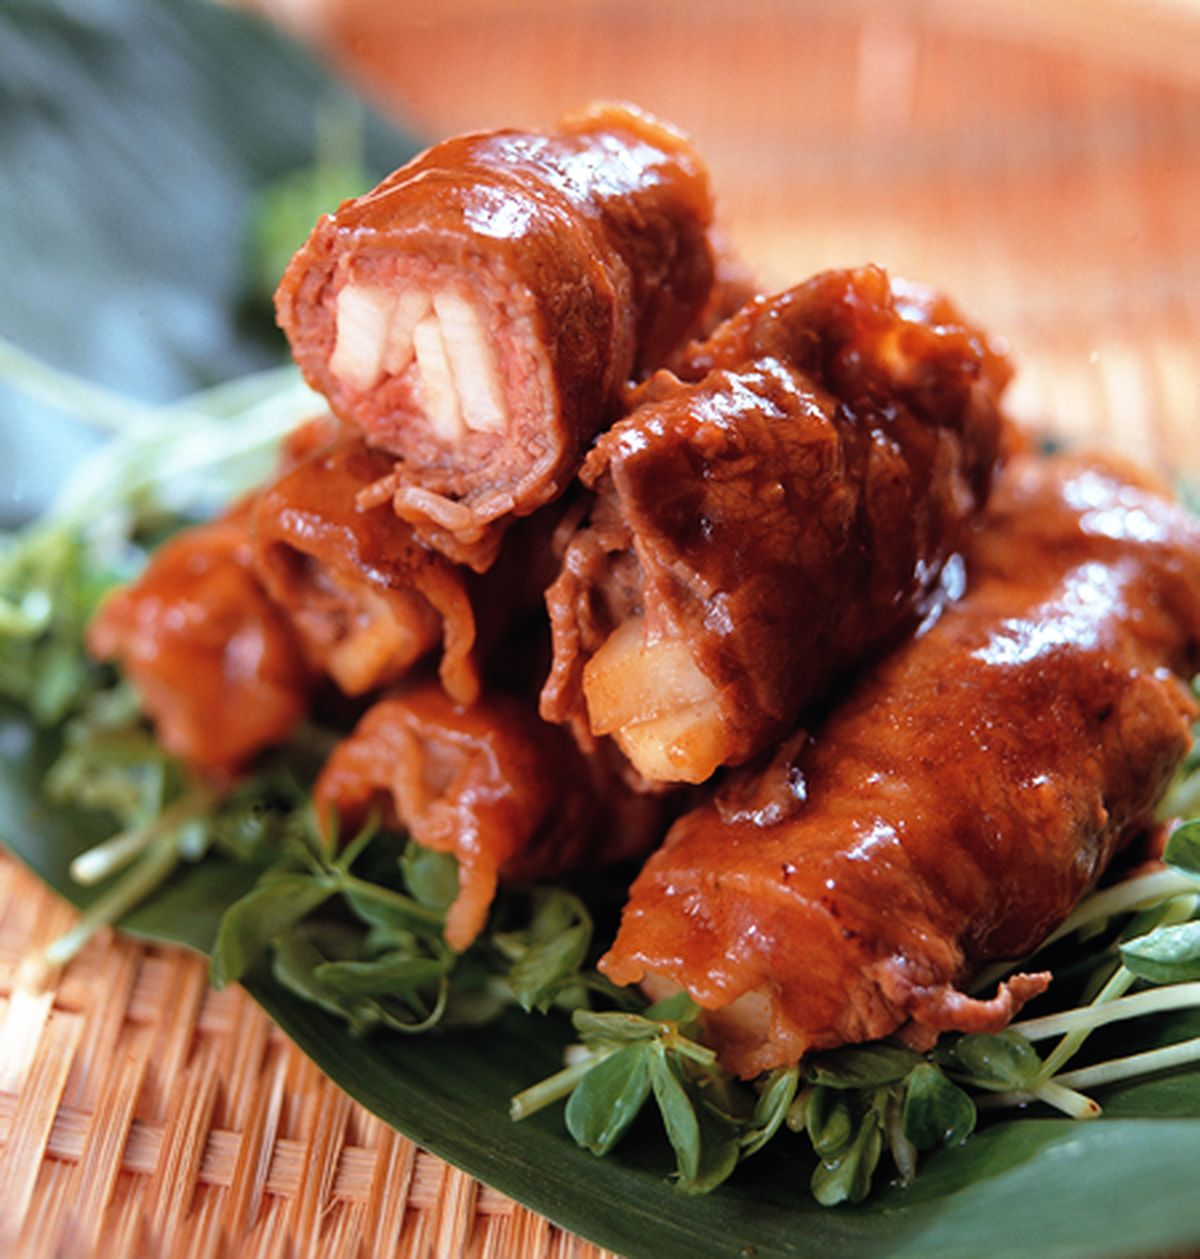 【食譜】醬燒牛肉捲:www.ytower.com.tw